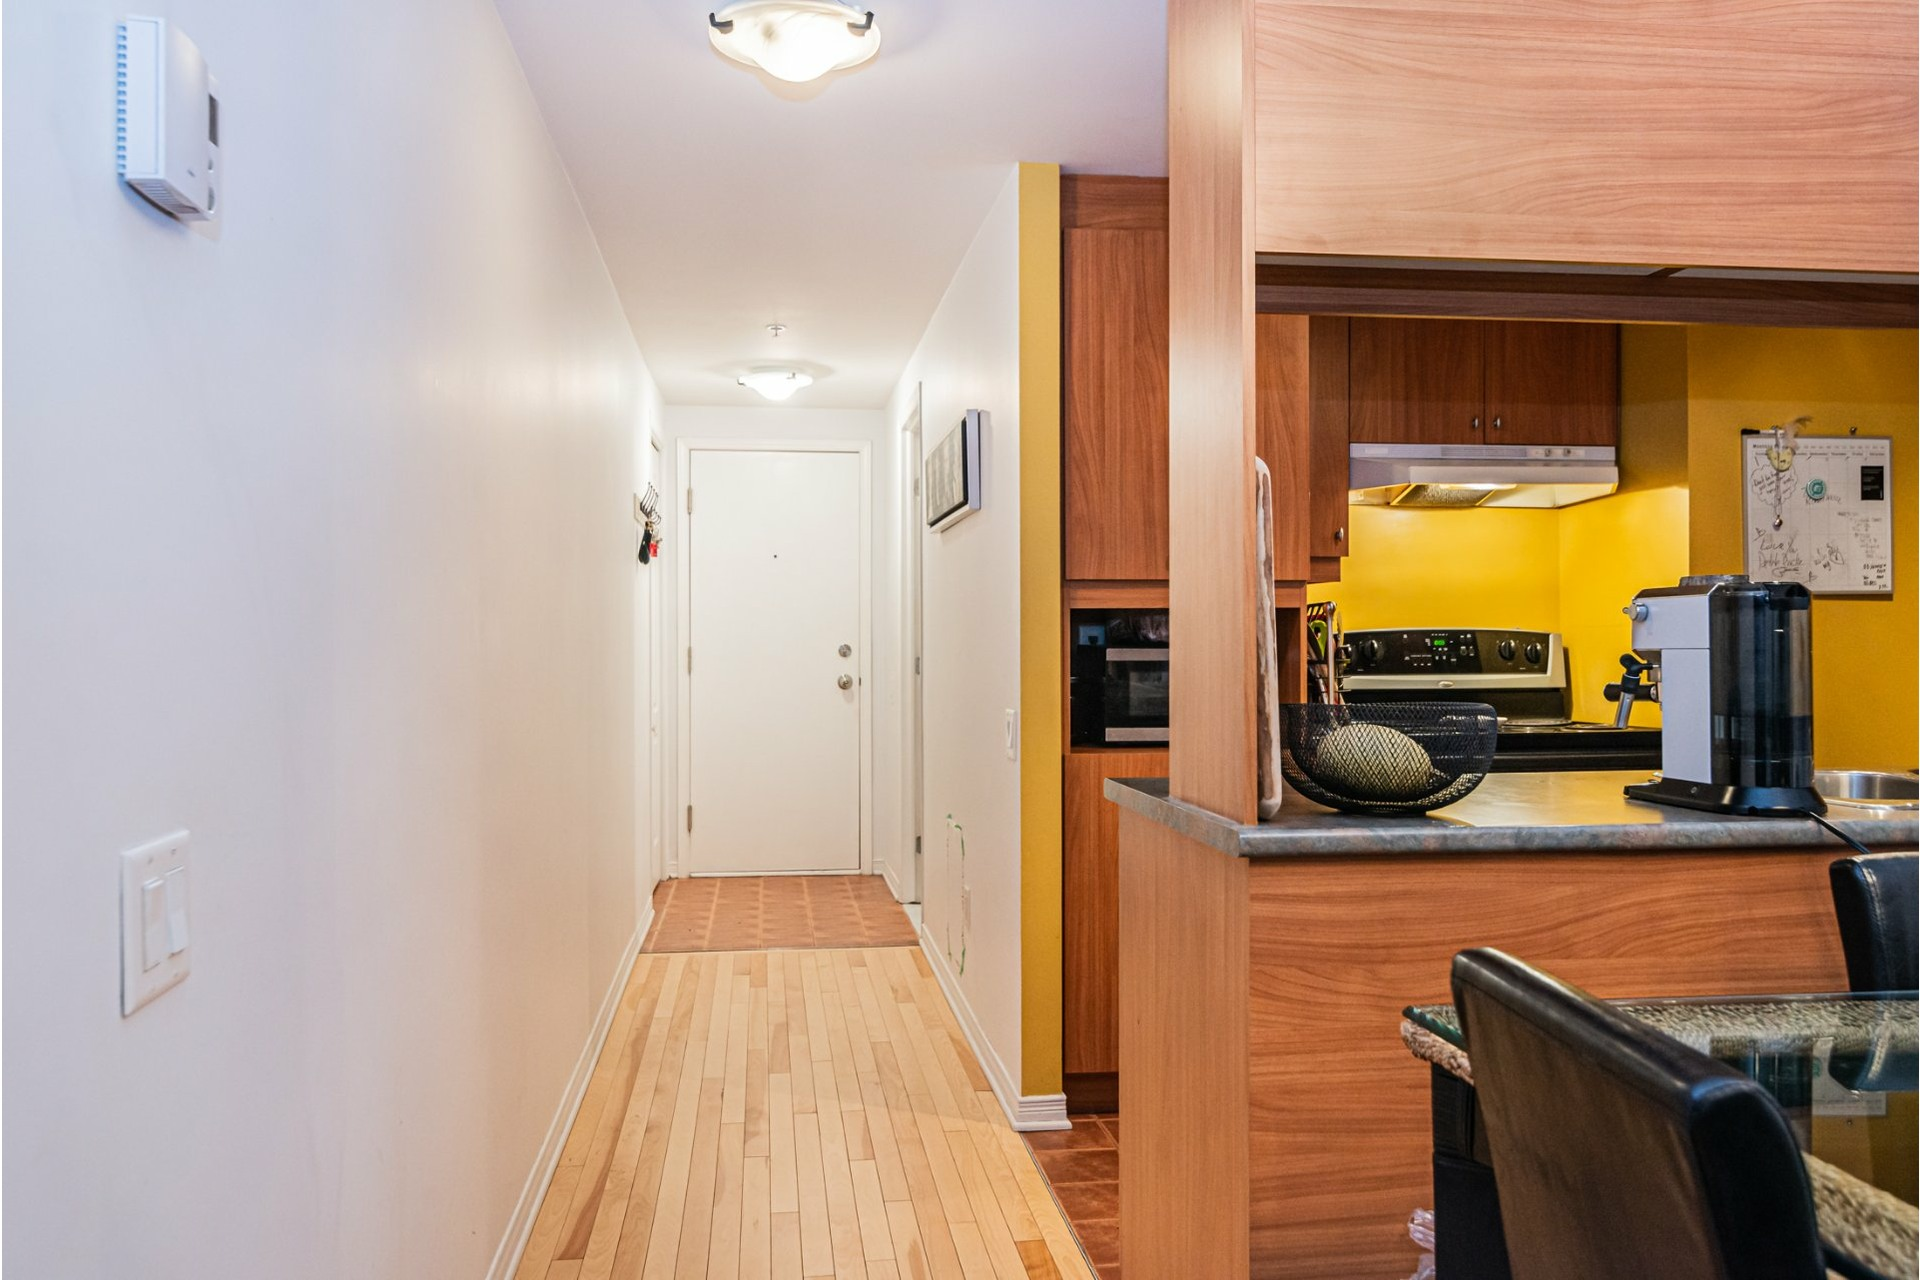 image 15 - Apartment For sale Lachine Montréal  - 5 rooms